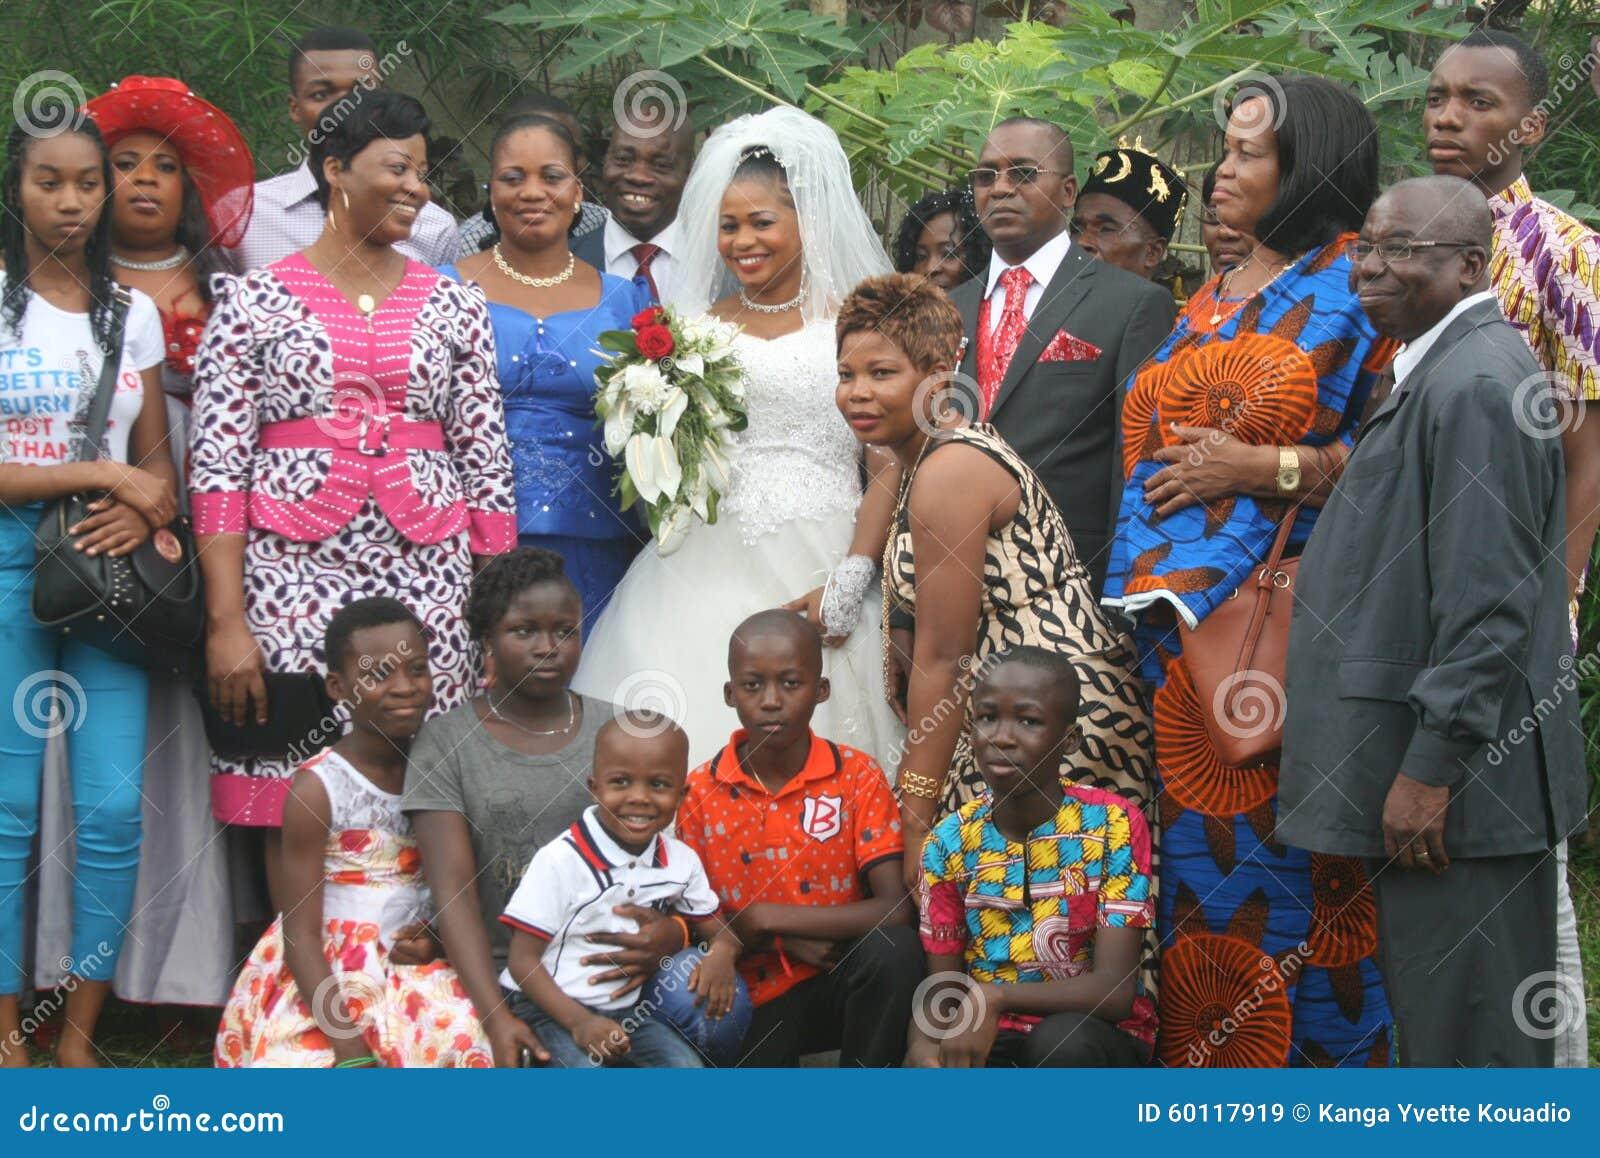 Image sublime d\u0027un couple africain célébrant leur mariage religieux dans  une église chrétienne Celestre à la société de leurs parents et amis